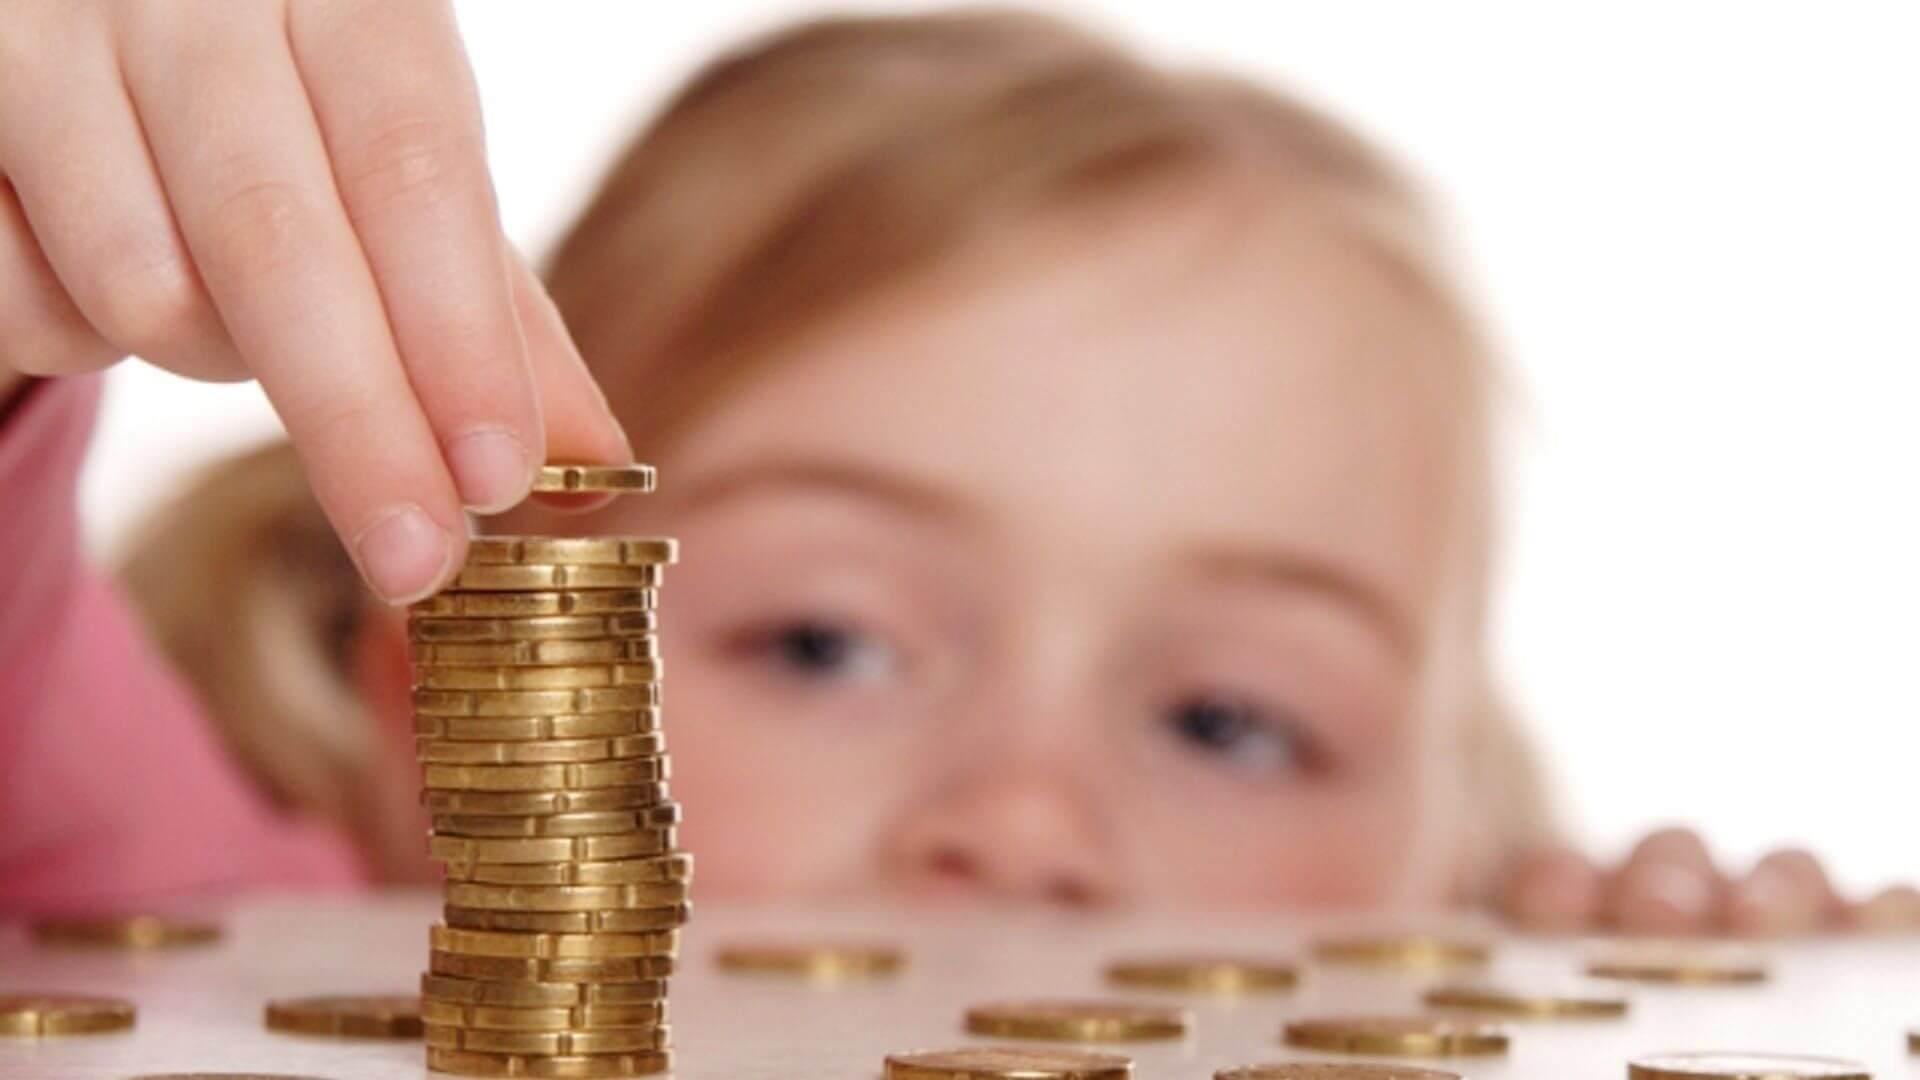 Збільшення аліментів на утримання дитини. Як прогодувати дітей в Україні